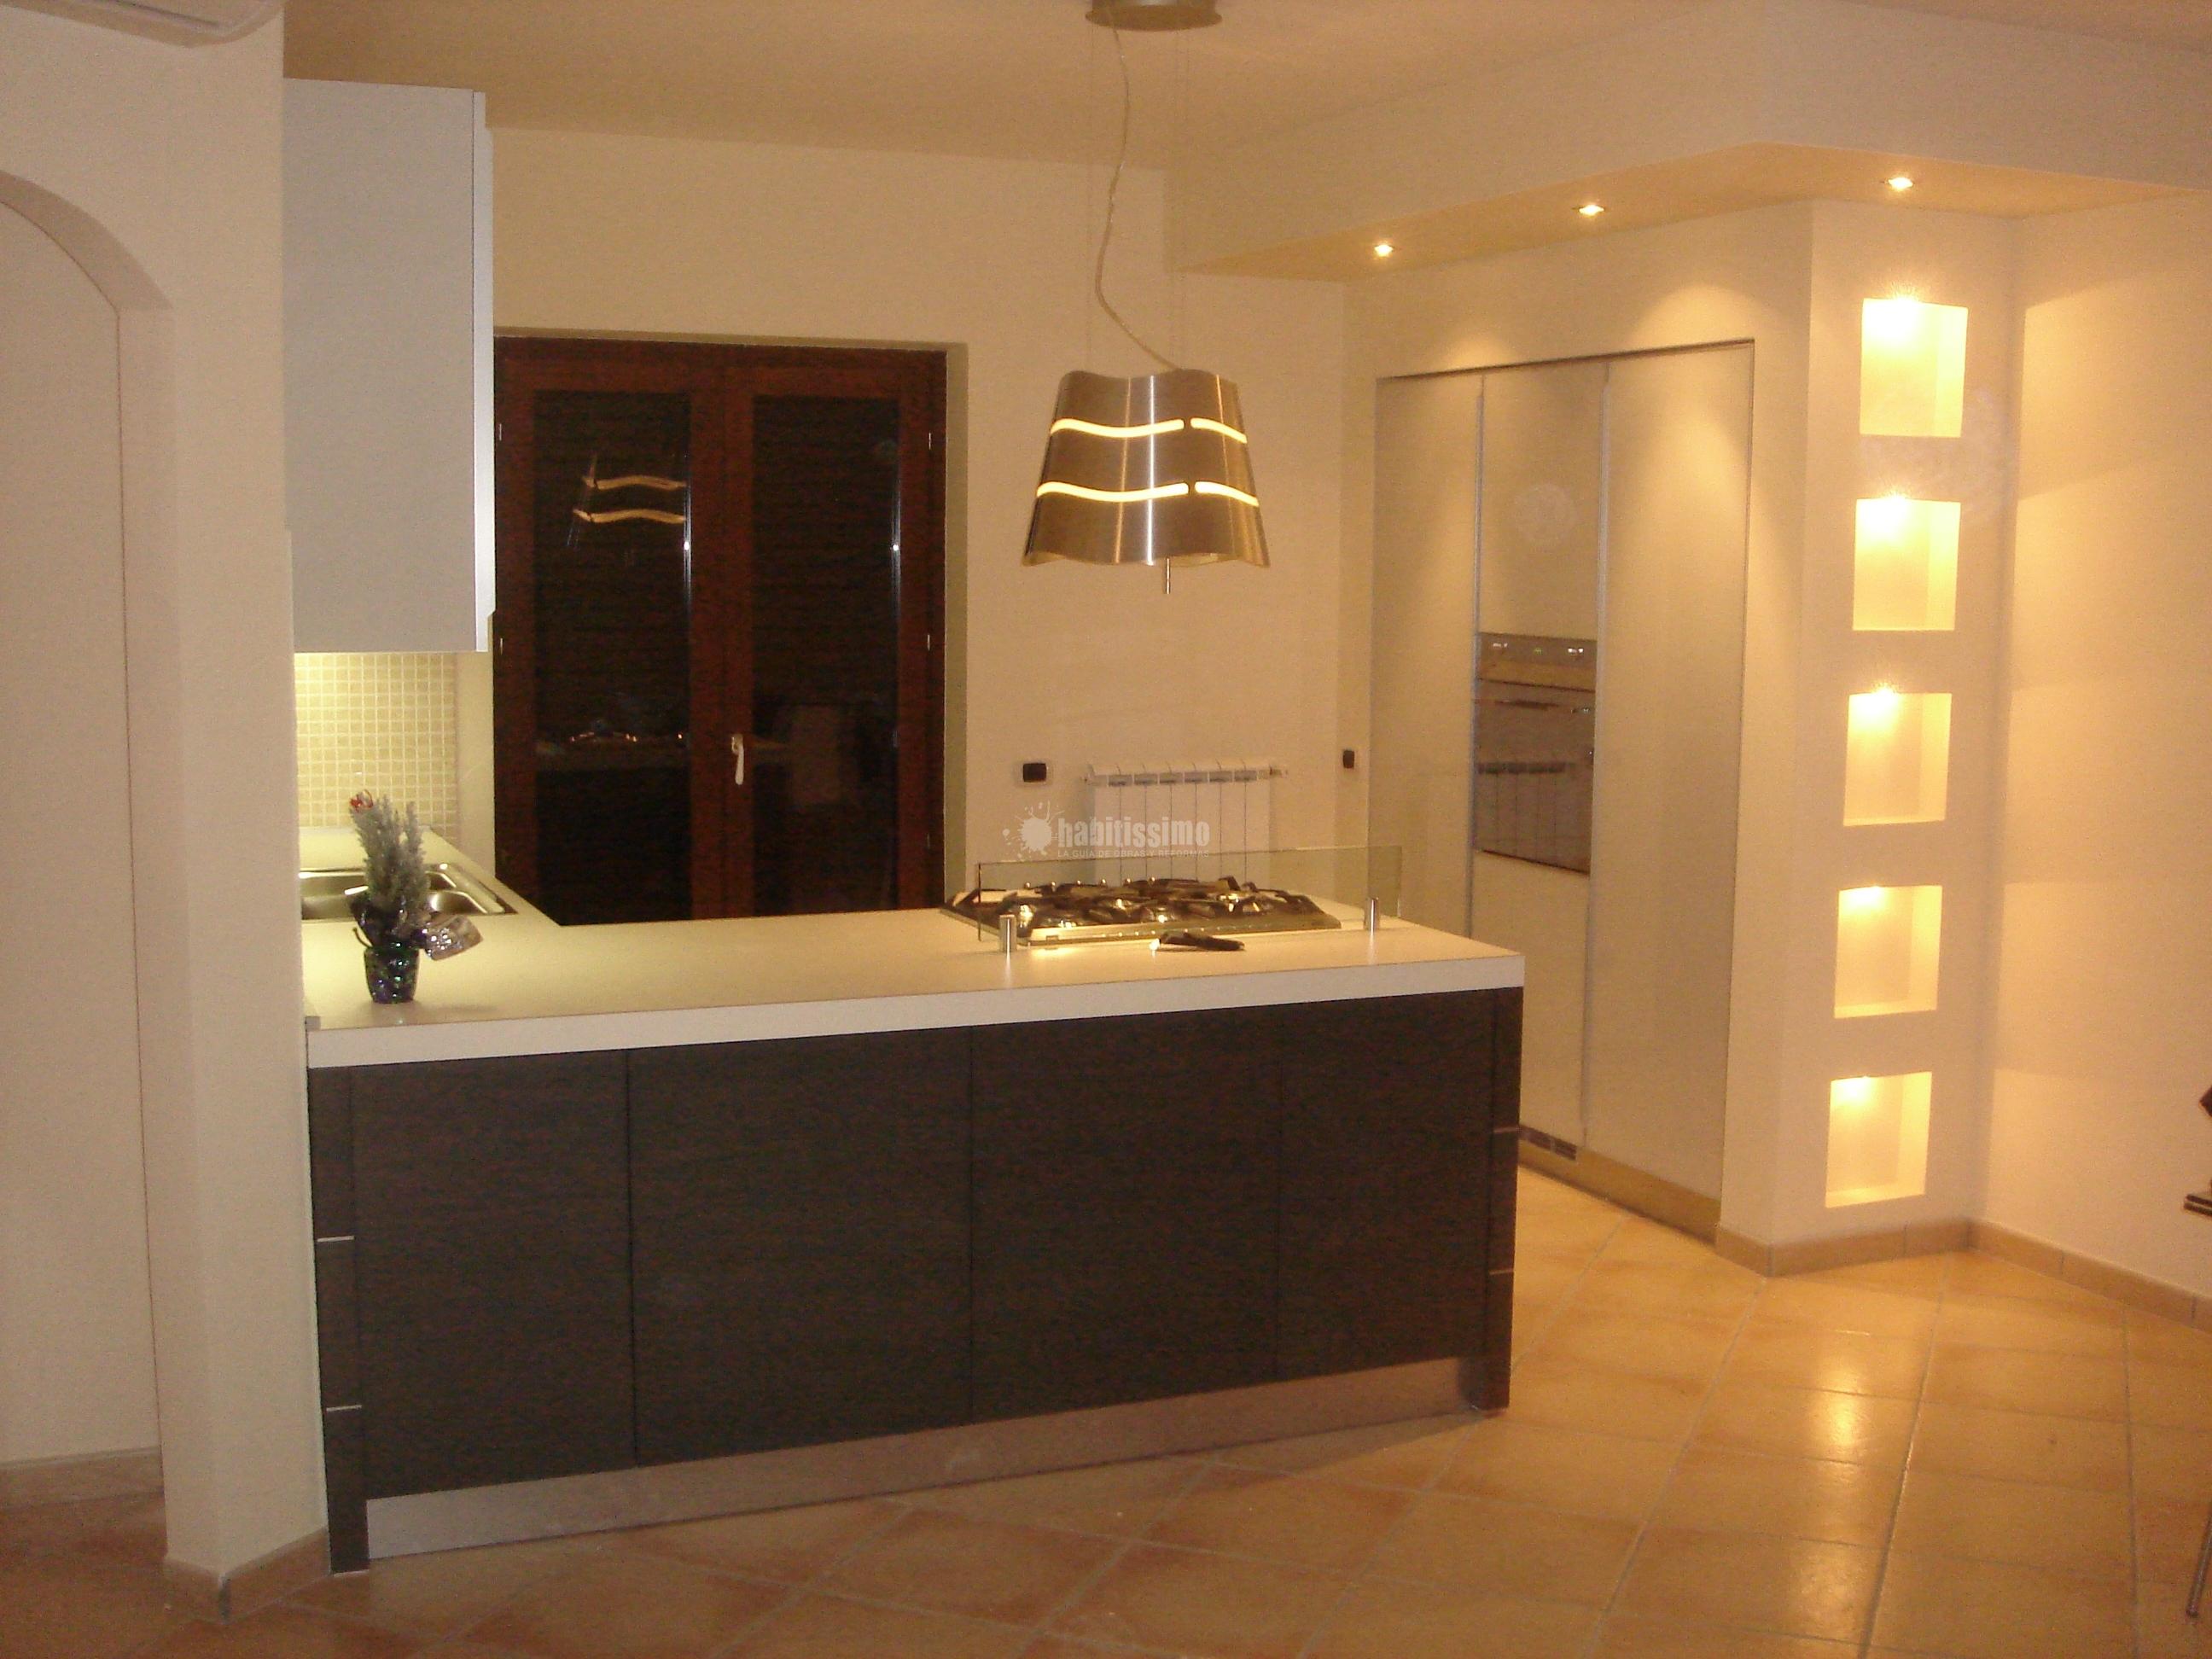 progetto arredamento cucina : Progetto di Arredamento Ambiente Cucina Progetti Mobili